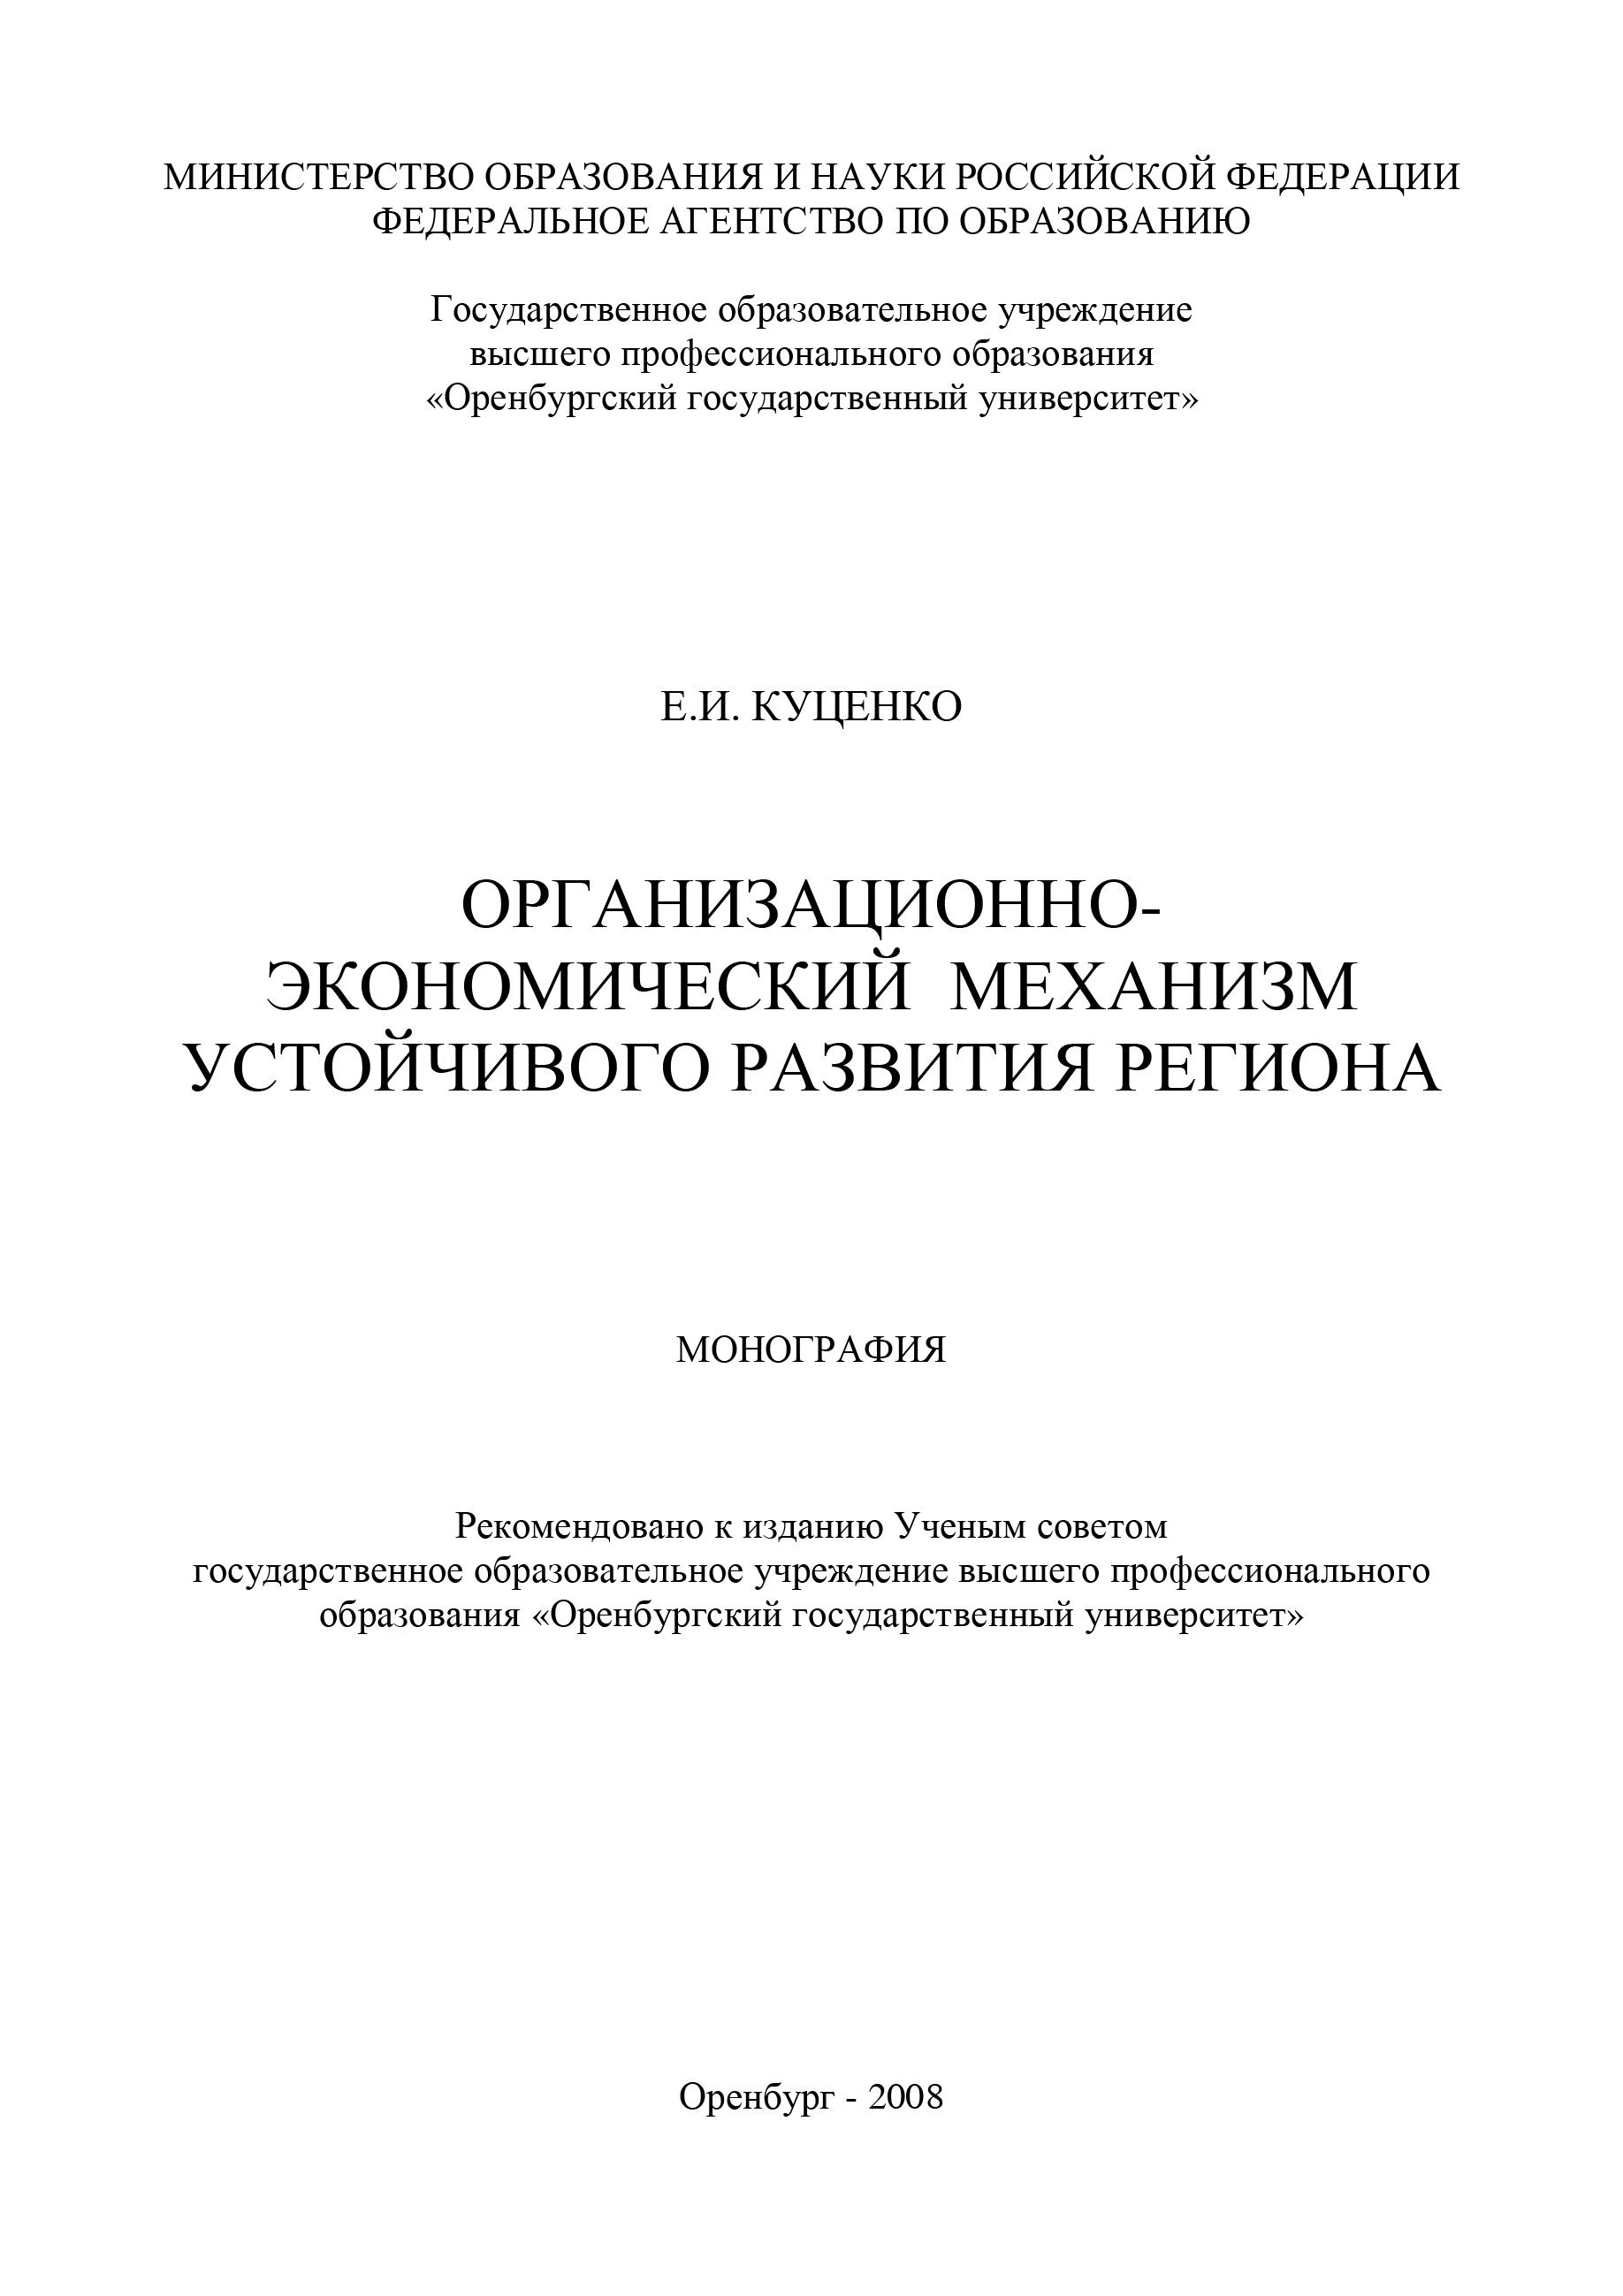 Е. Куценко Организационно-экономический механизм устойчивого развития региона бабурин с н глобализация в перспективе устойчивого развития монография